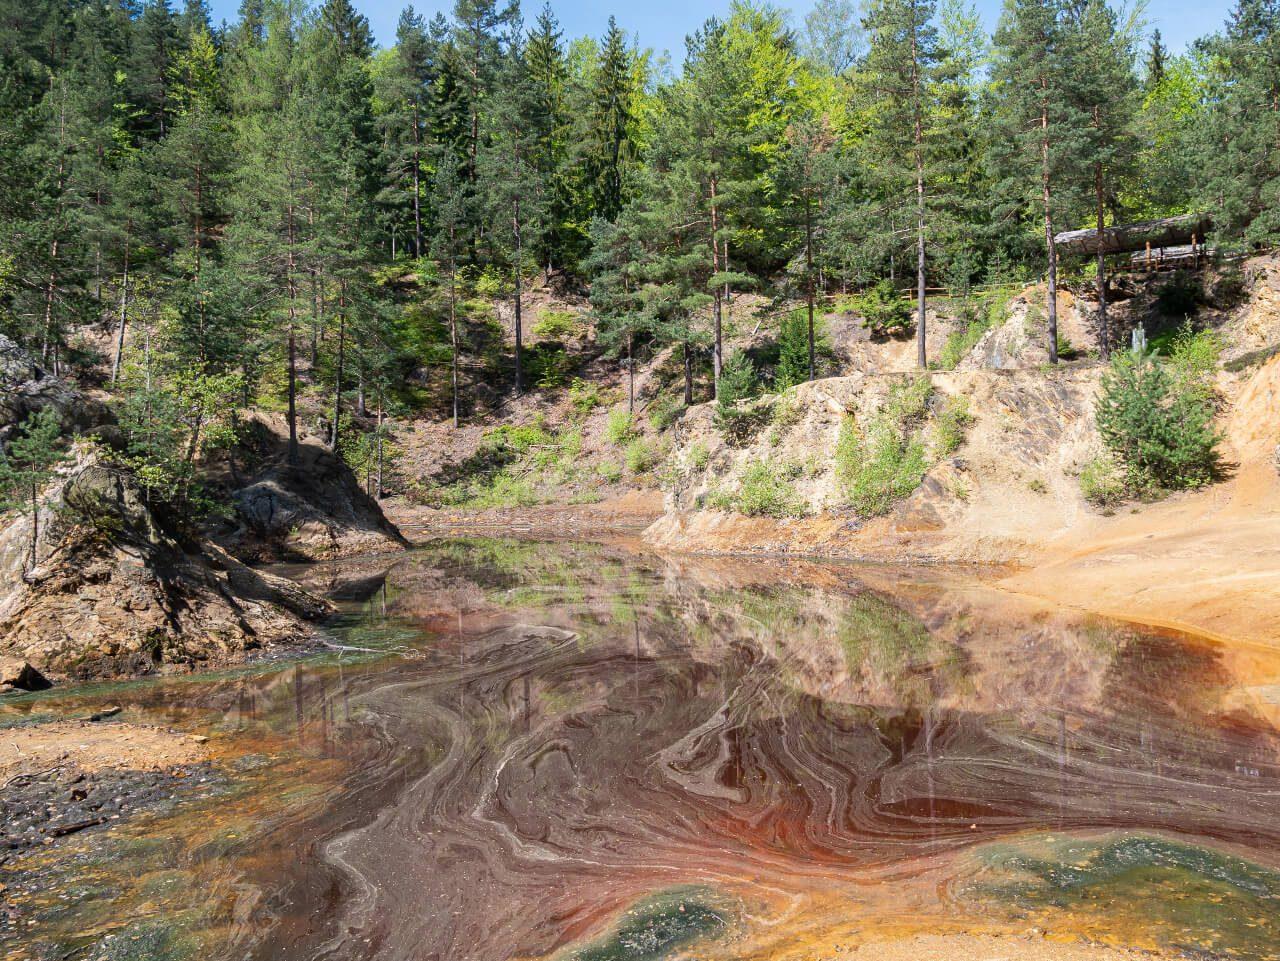 jeziorko czerwone kolorowe jeziorka rudawy janowickie dolny śląsk